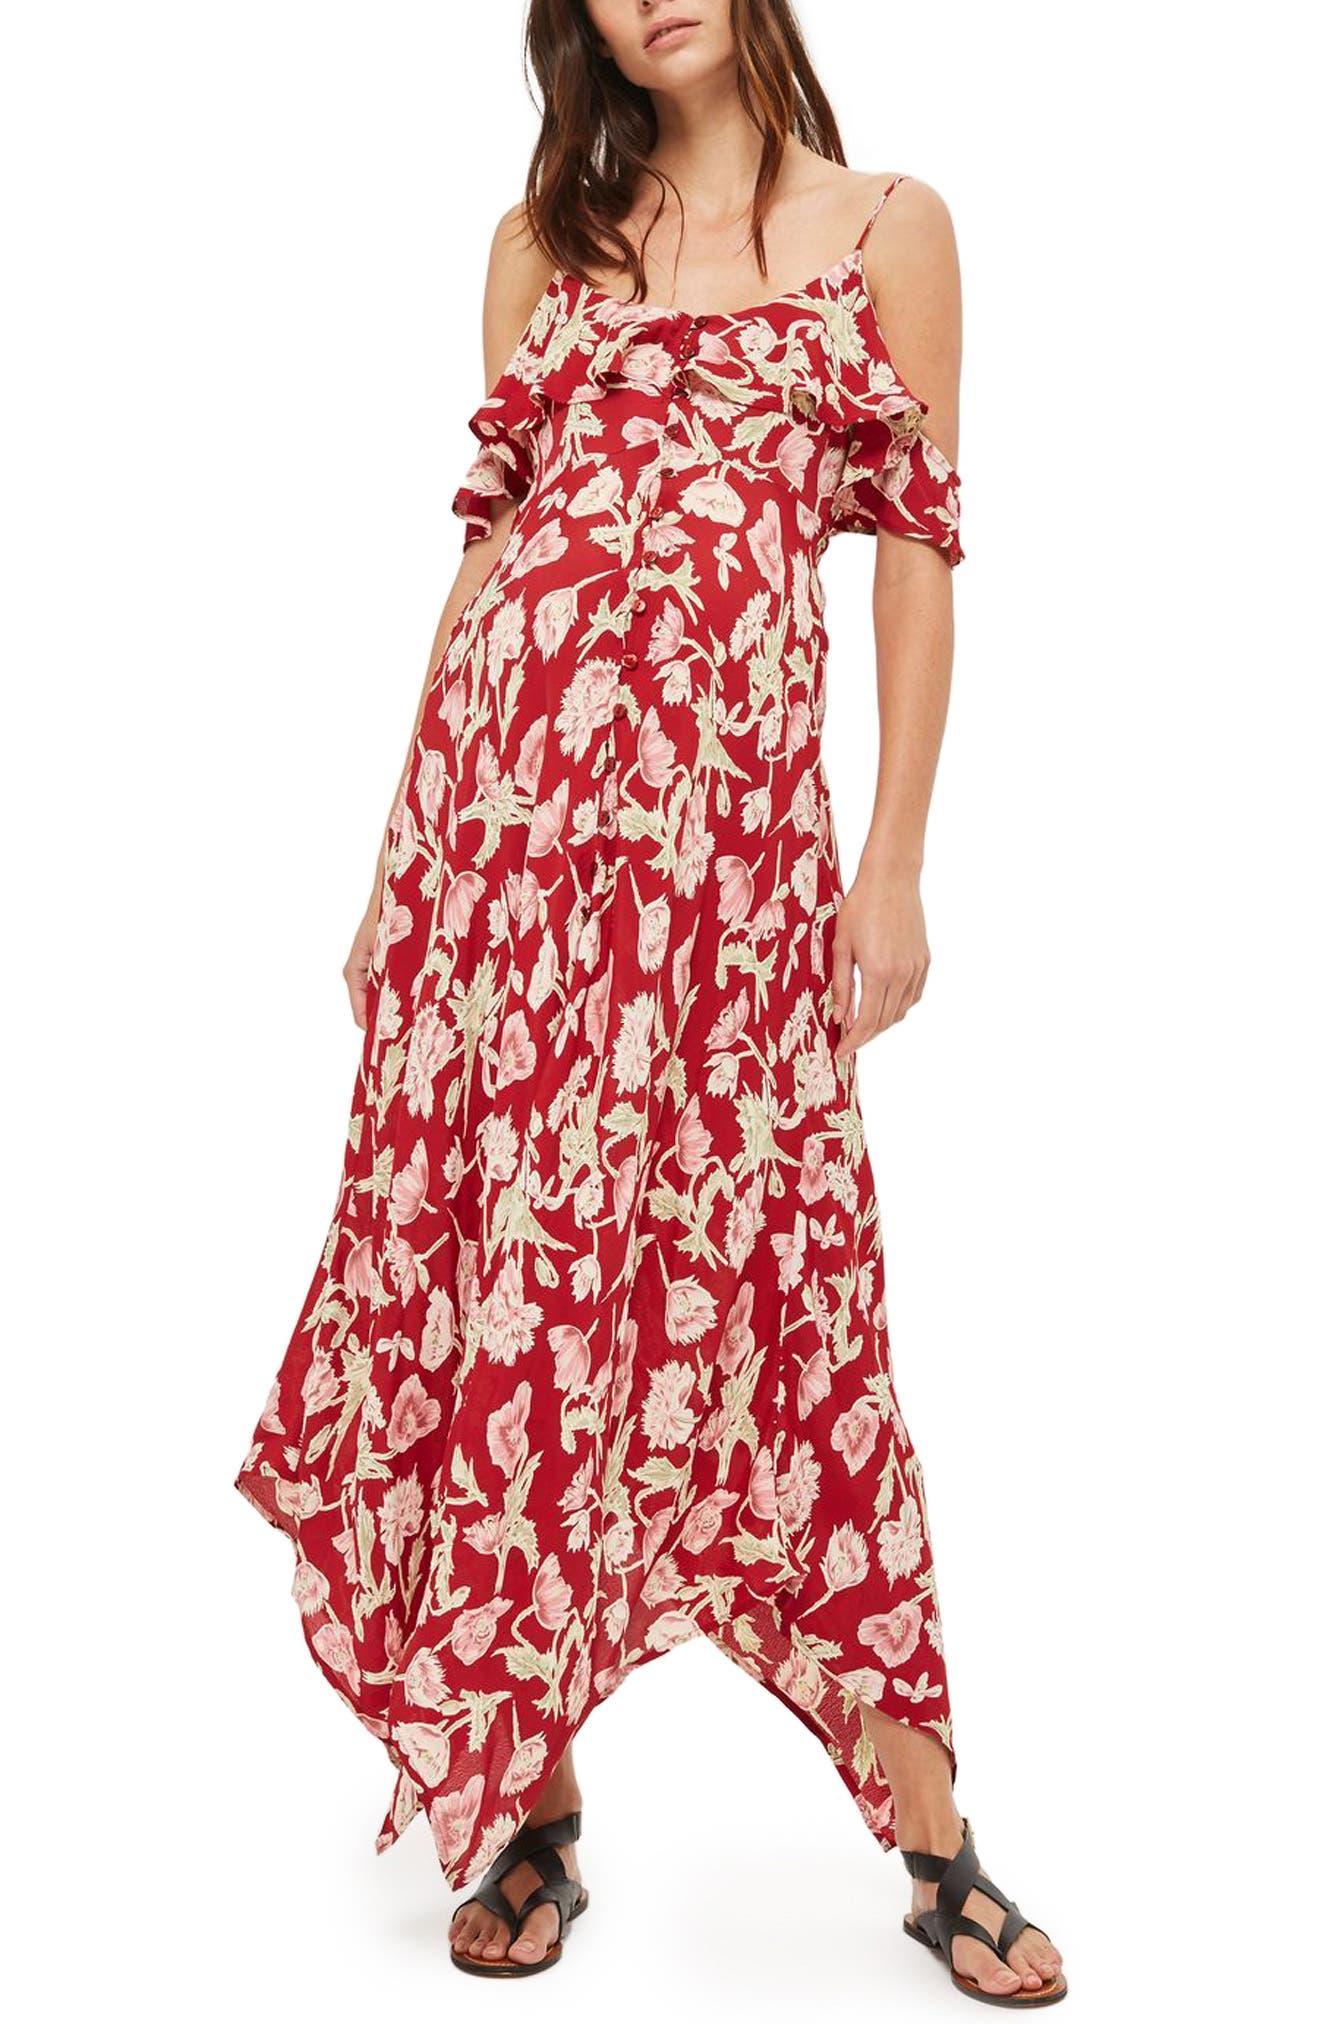 Topshop Floral Handkerchief Hem Maternity Maxi Dress